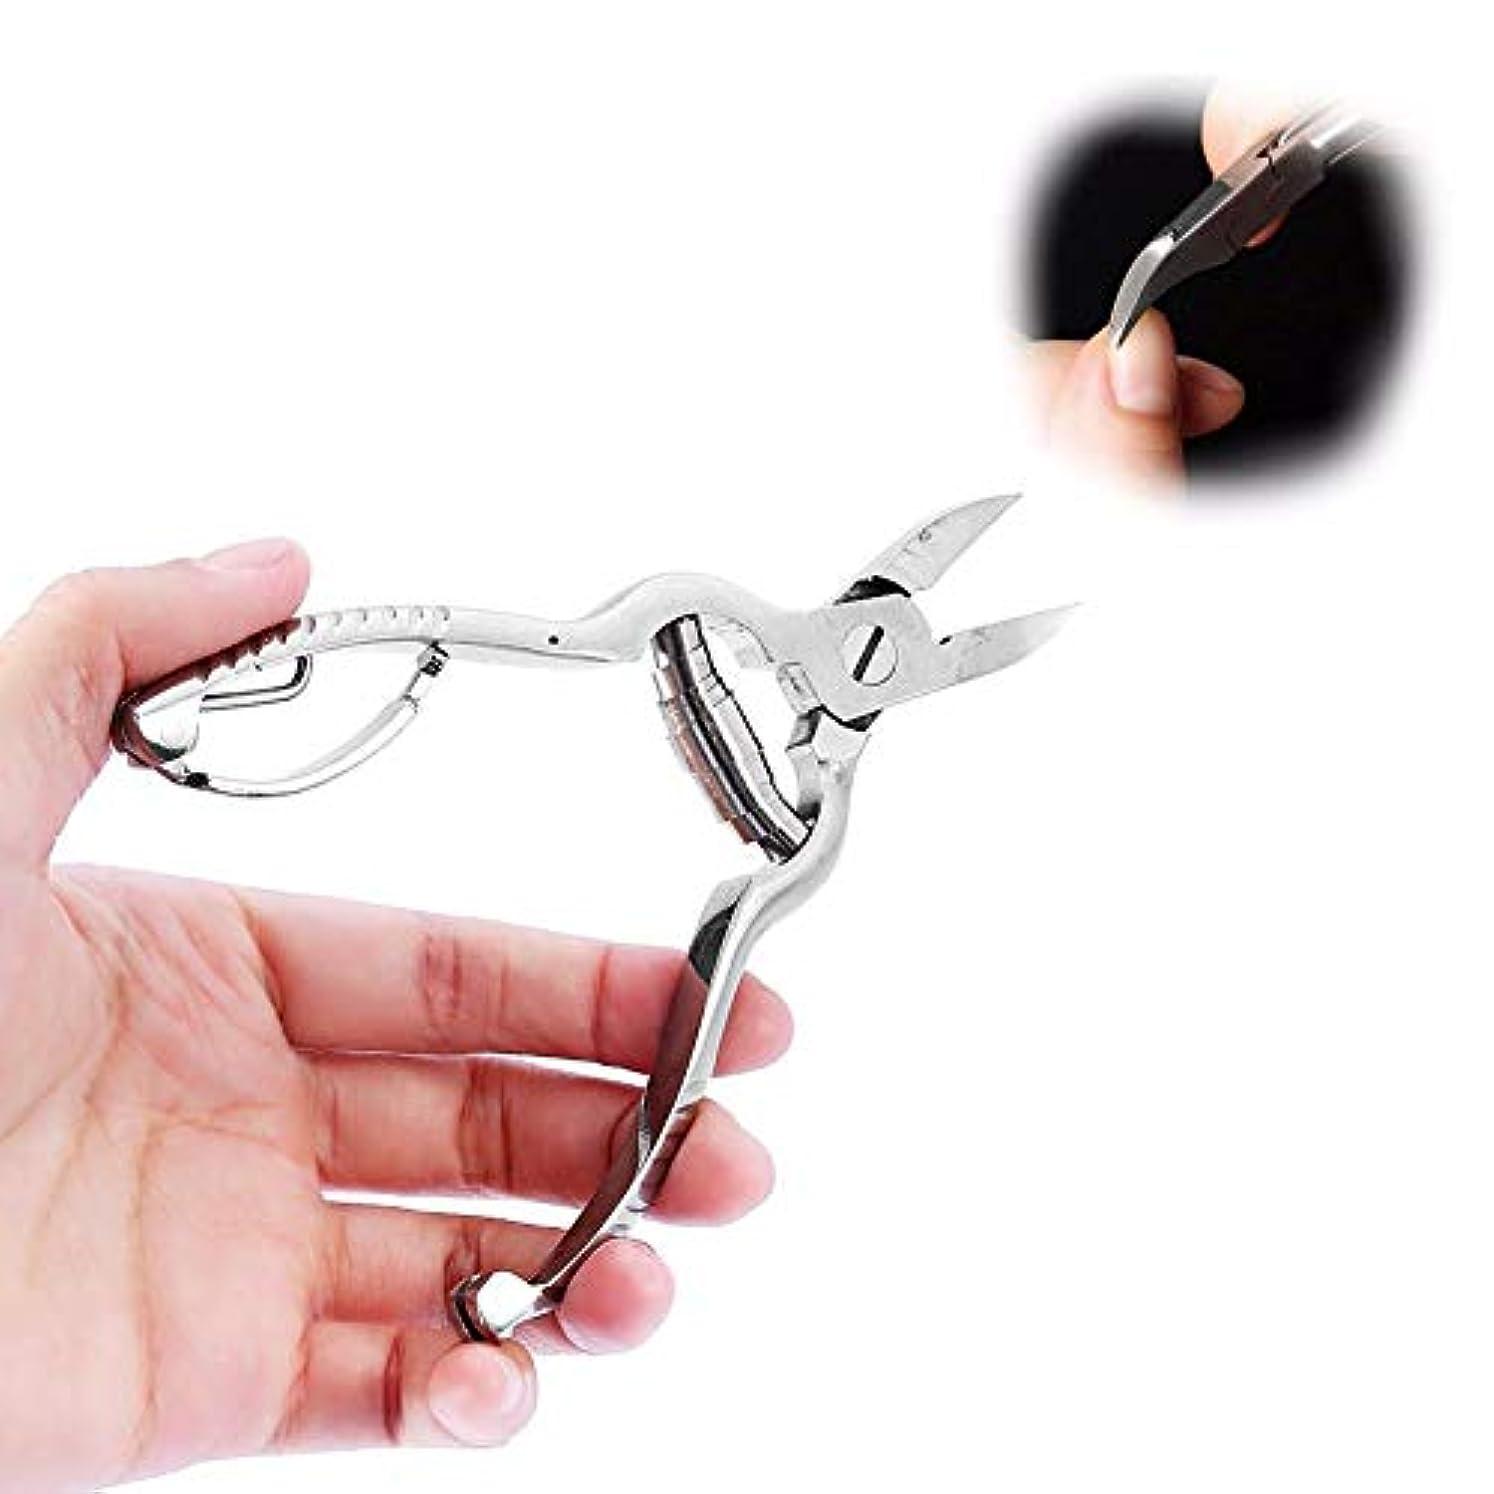 散歩傷つきやすいファンタジープロフェッショナルキューティクルニッパー、ホームユーザーおよびアマチュア向けのステンレス製バレルスプリングハサミ、死んだ皮膚の爪の爪を除去するマニキュアおよびペディキュアツール